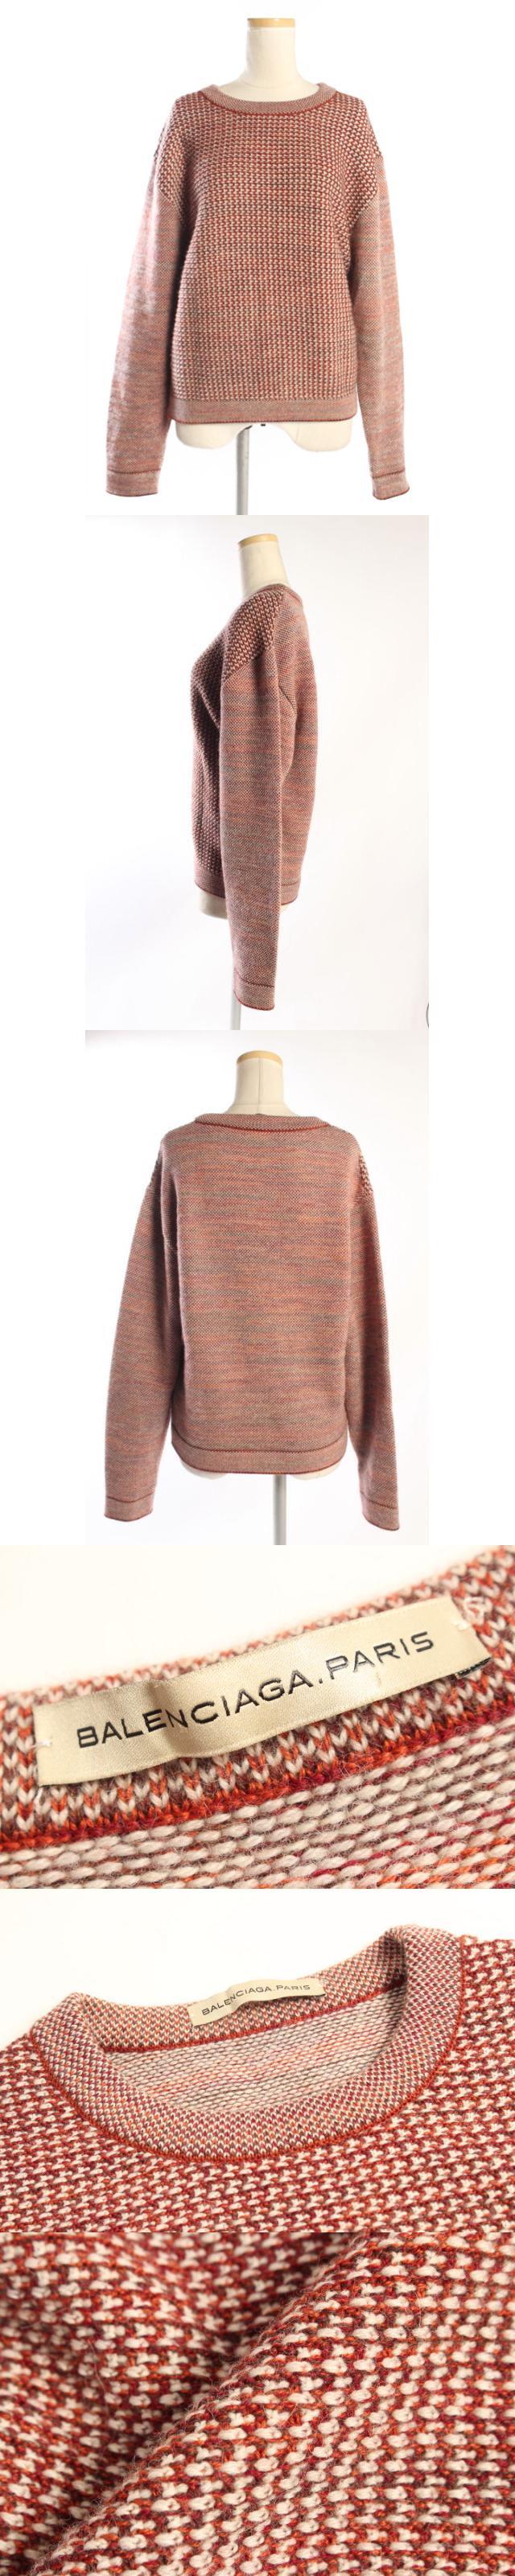 セーター ニット ミックス 長袖 ツイード ウール アルパカ シルク カシミヤ 36 茶 ブラウン /kk0417